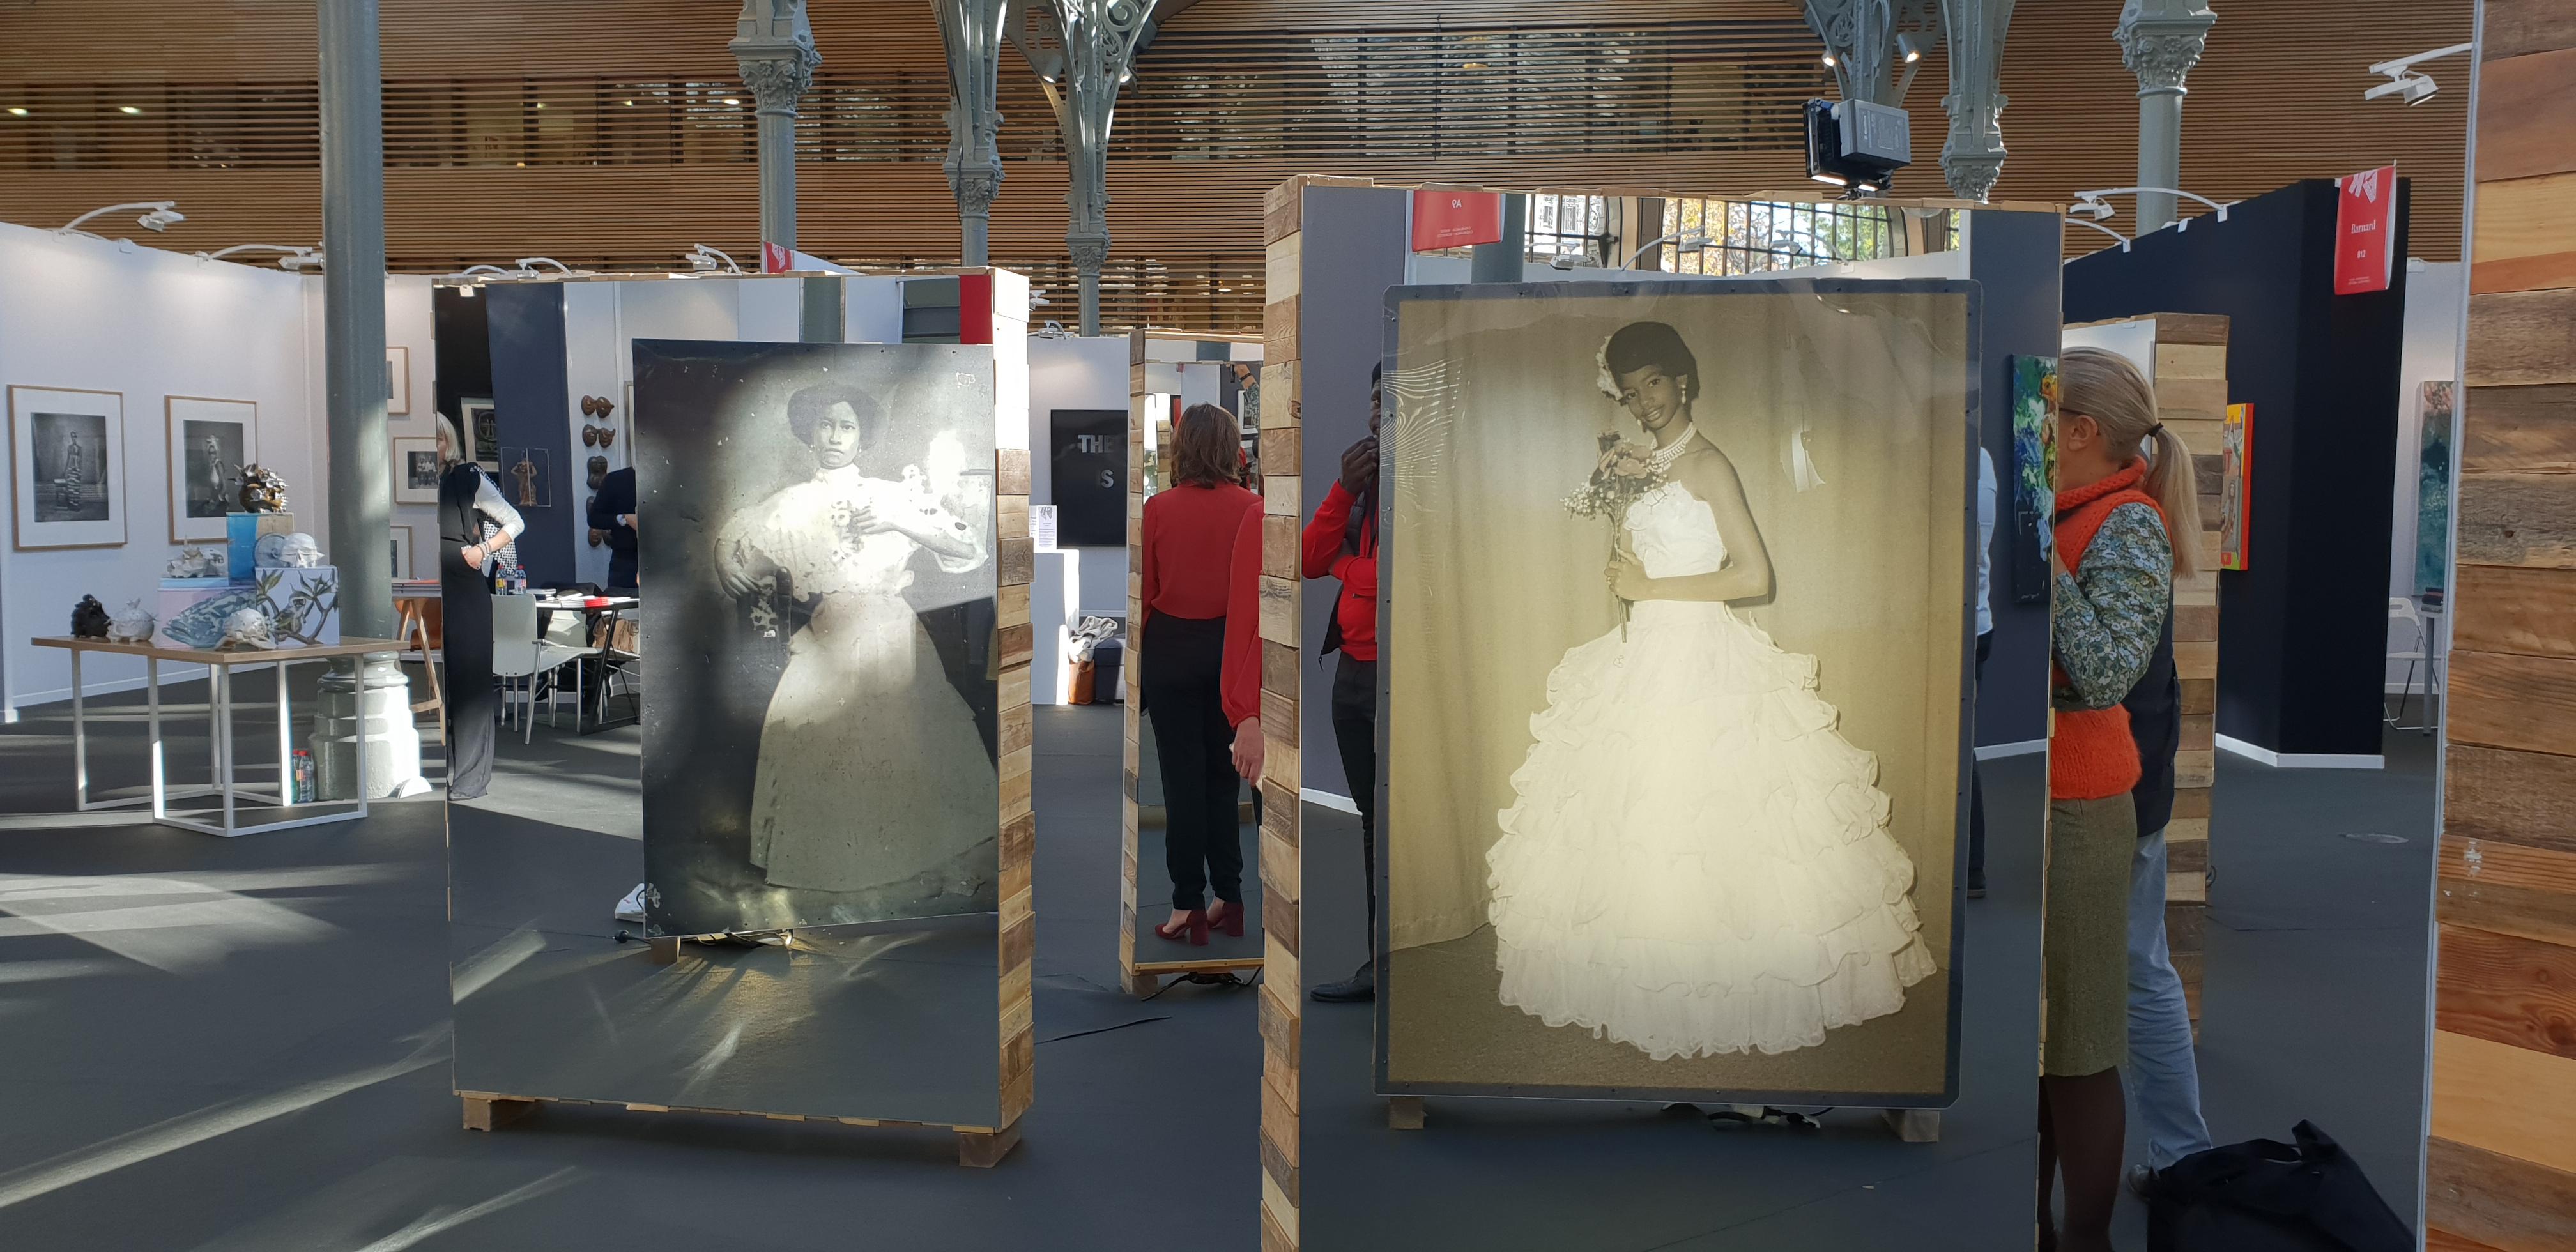 Une partie de l'installation de la série « Lo que contaba la abuela… » réalisée par l'artiste Susana Pilar - AKAA 2018 - ©No Fake In my News